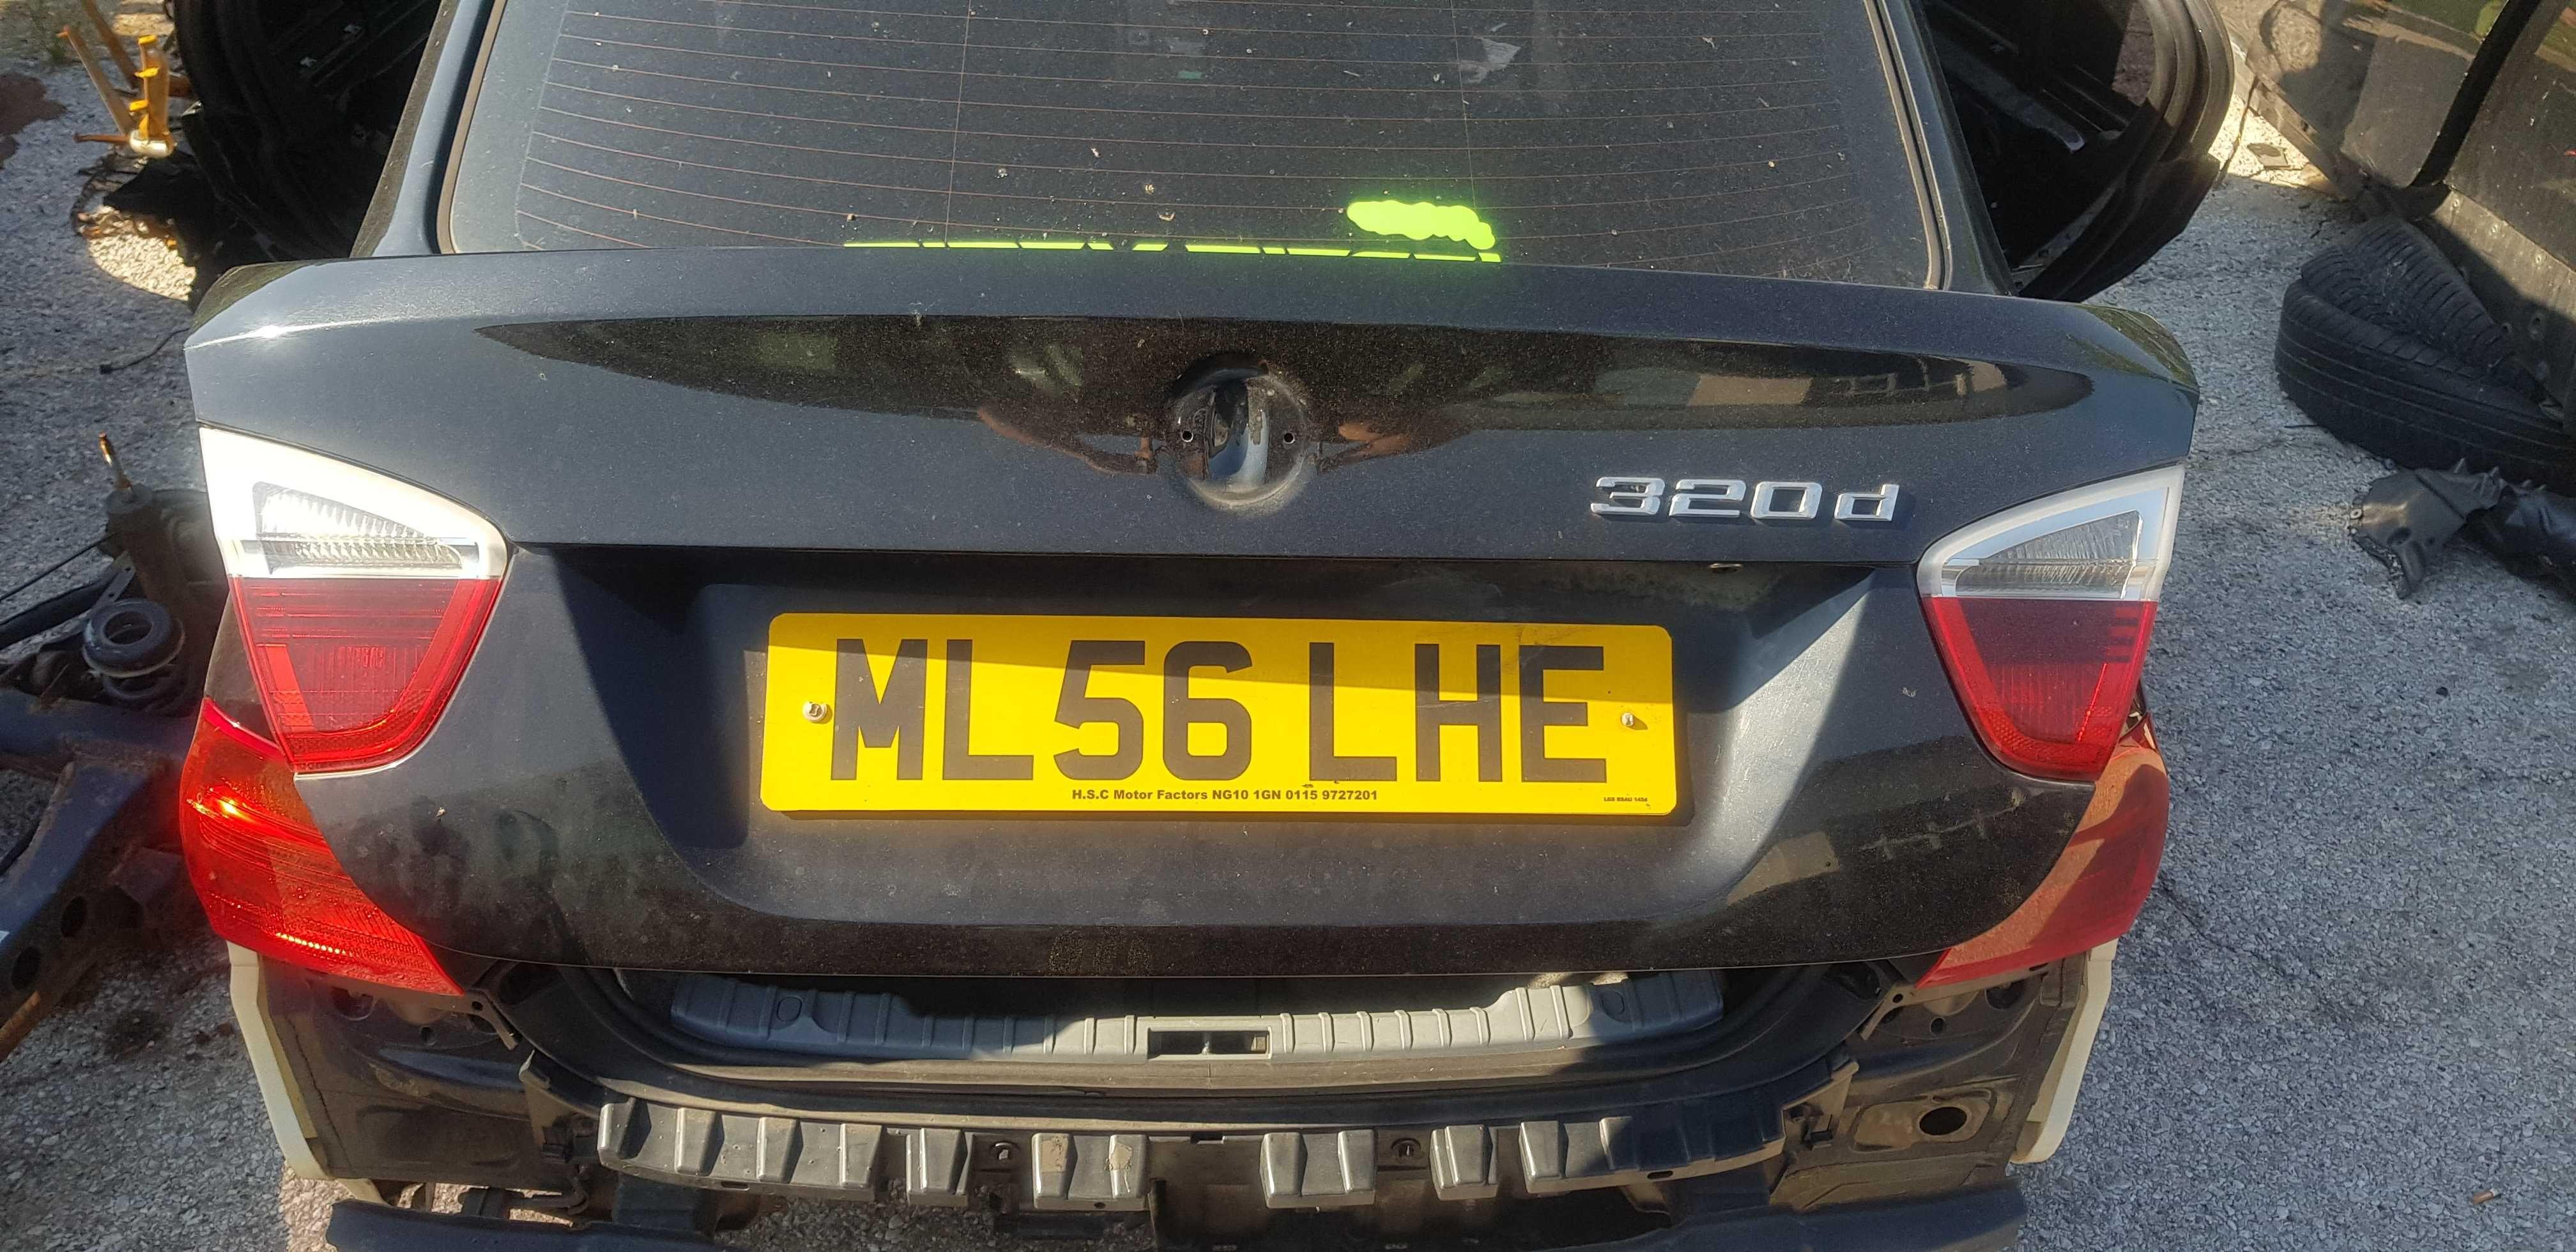 Заден капак-/багажник/-/БМВ/BMW/-е90 320д 163кс бмв м47 e91 e92 e93